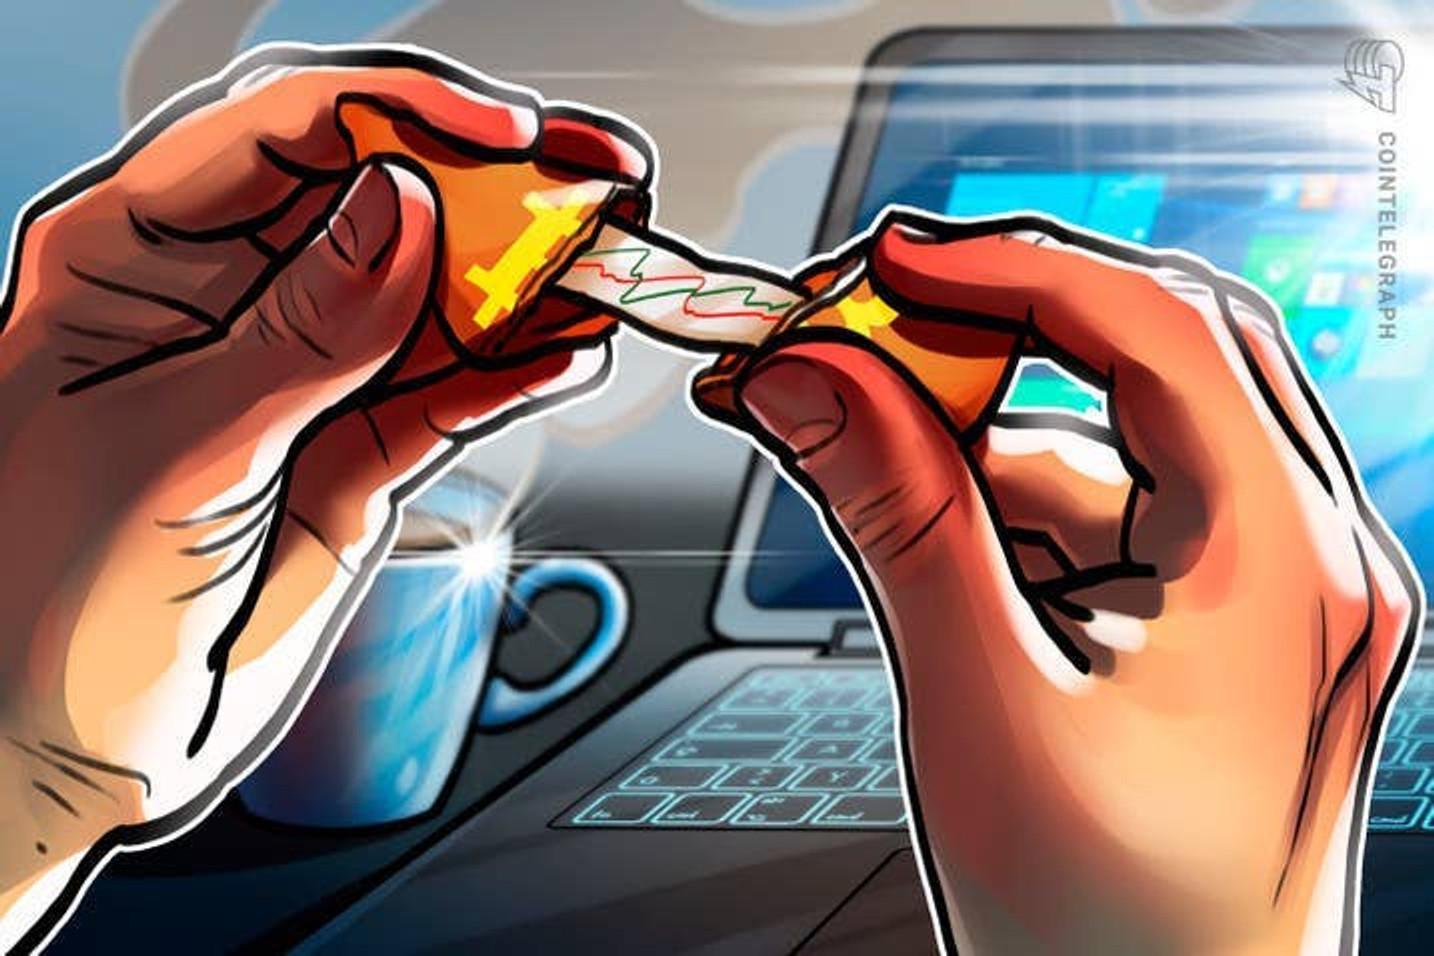 Raoul Pal predice que Ethereum podría dispararse más de un 480% hasta los USD 20,000 y Bitcoin podría alcanzar los USD 350,000